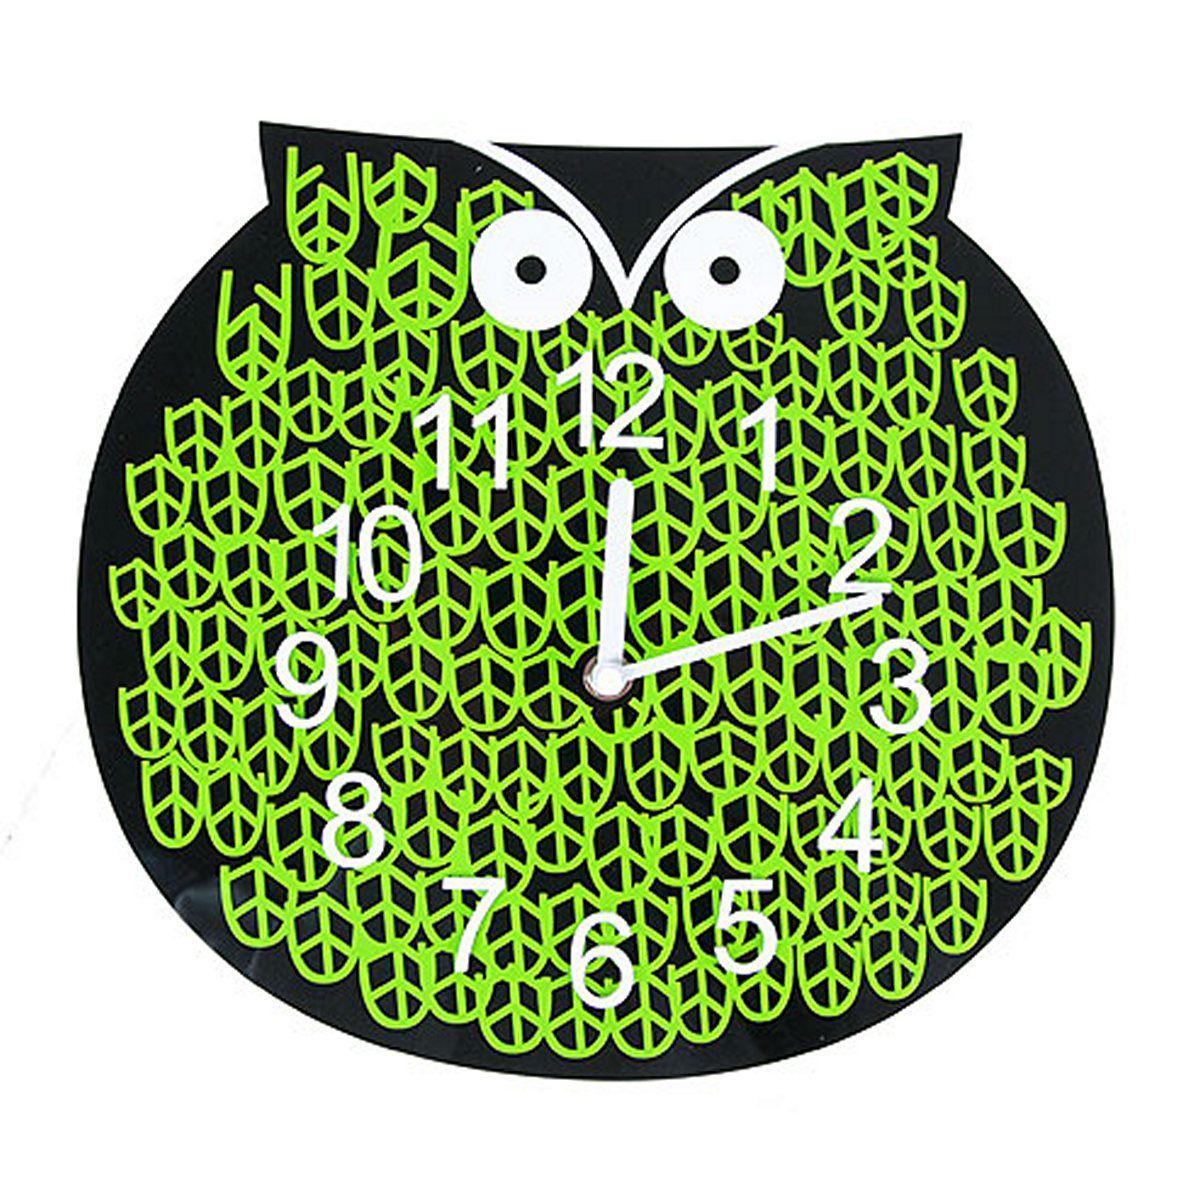 Часы настенные Русские Подарки, диаметр 30 см. 122417122417Настенные кварцевые часы Русские Подарки изготовлены из полиамида. Корпус оформлен изображением совы. Часы имеют две стрелки - часовую и минутную. С обратной стороны имеется петелька для подвешивания на стену. Такие часы красиво и оригинально оформят интерьер дома или офиса. Также часы могут стать уникальным, полезным подарком для родственников, коллег, знакомых и близких. Часы работают от батареек типа АА (в комплект не входят).